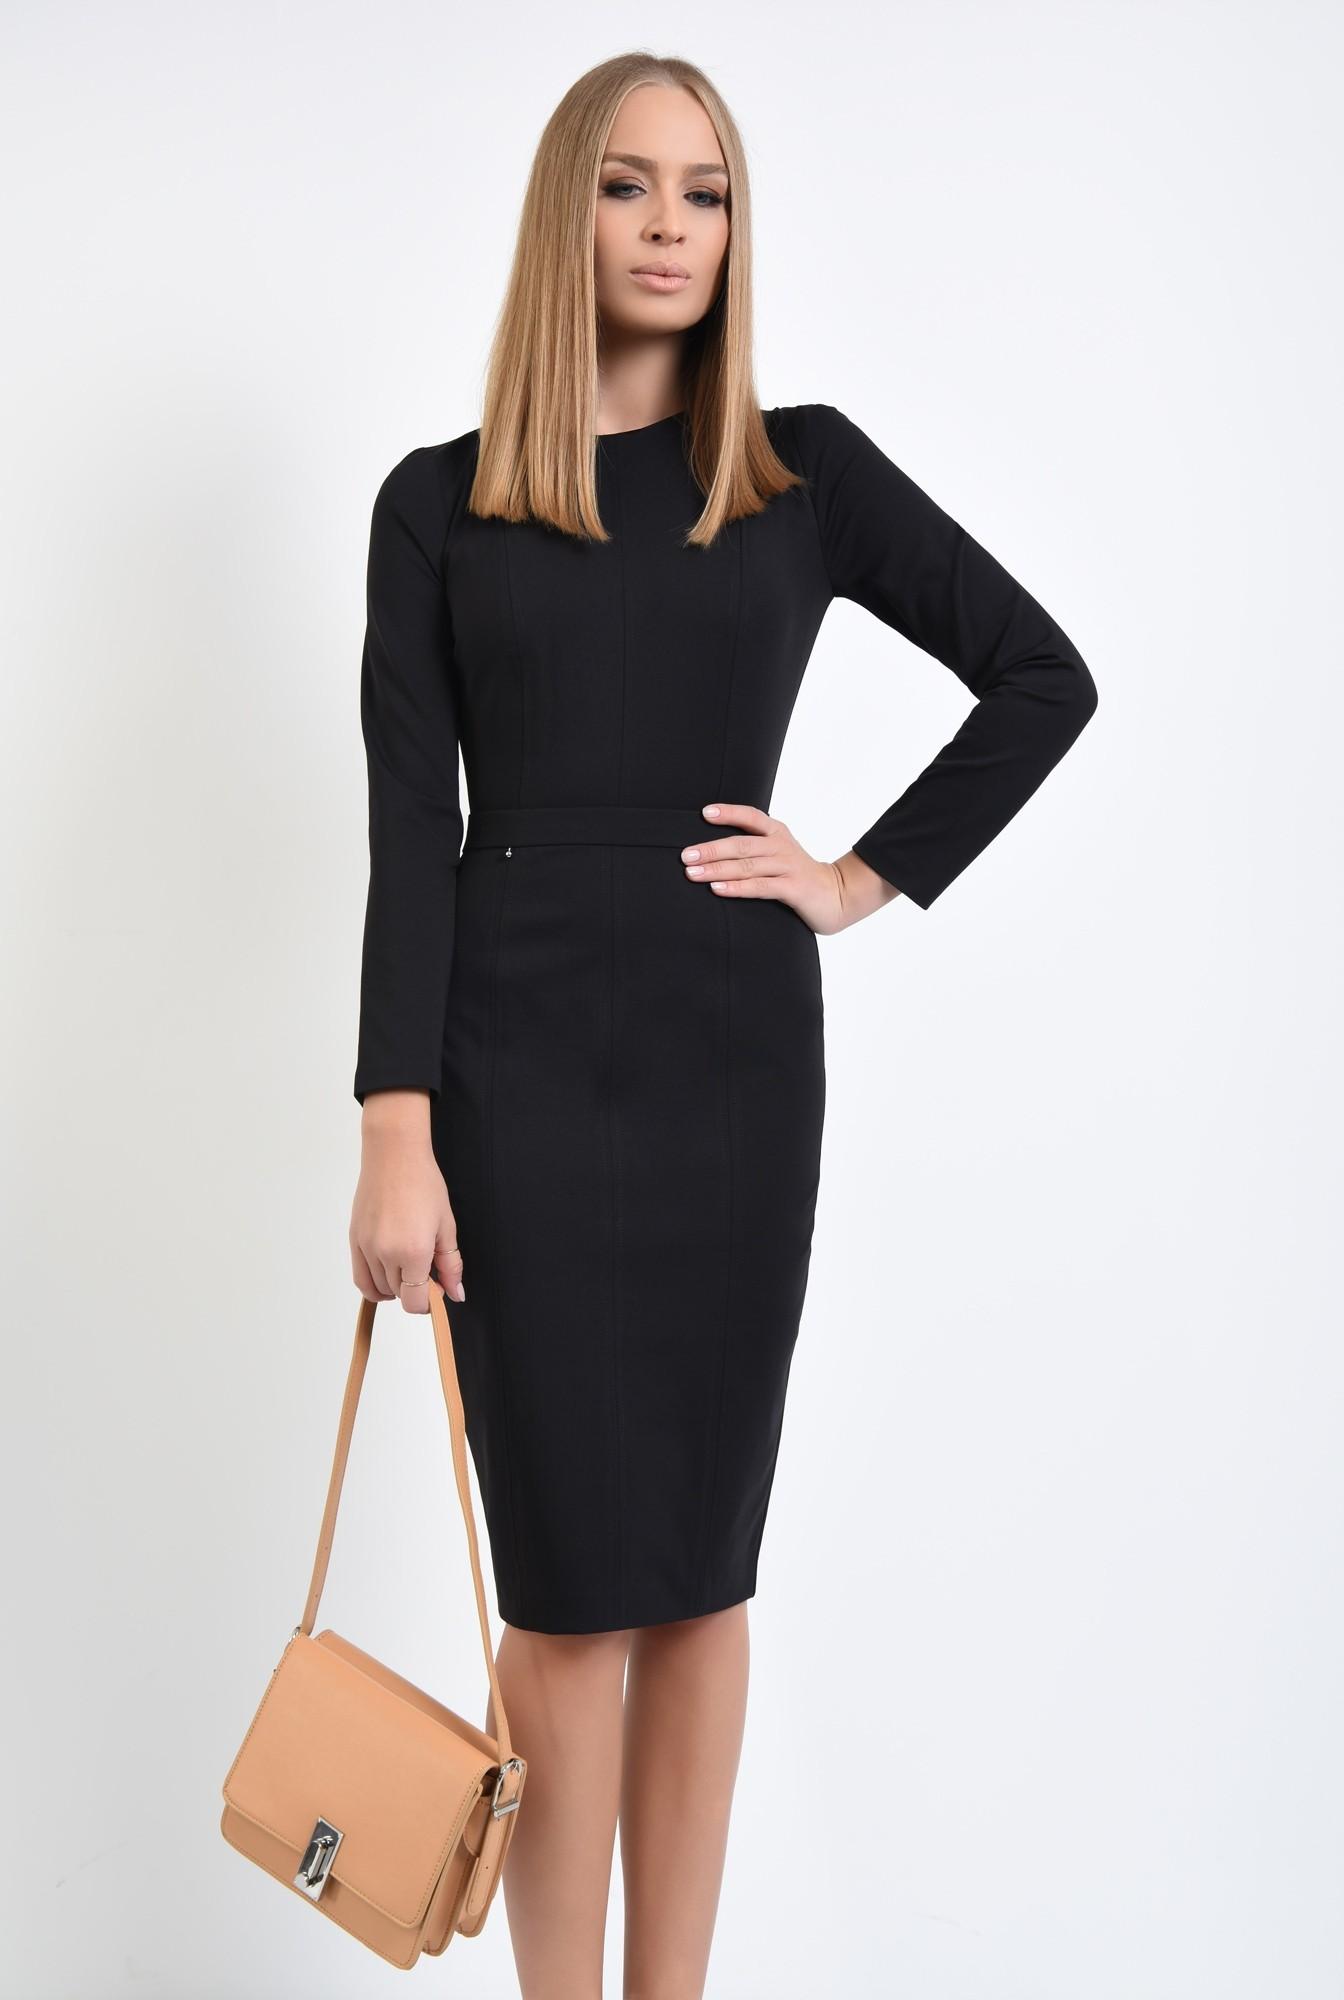 3 - 360 - rochie casual neagra, cusaturi decorative, decolteu rotund la baza gatului